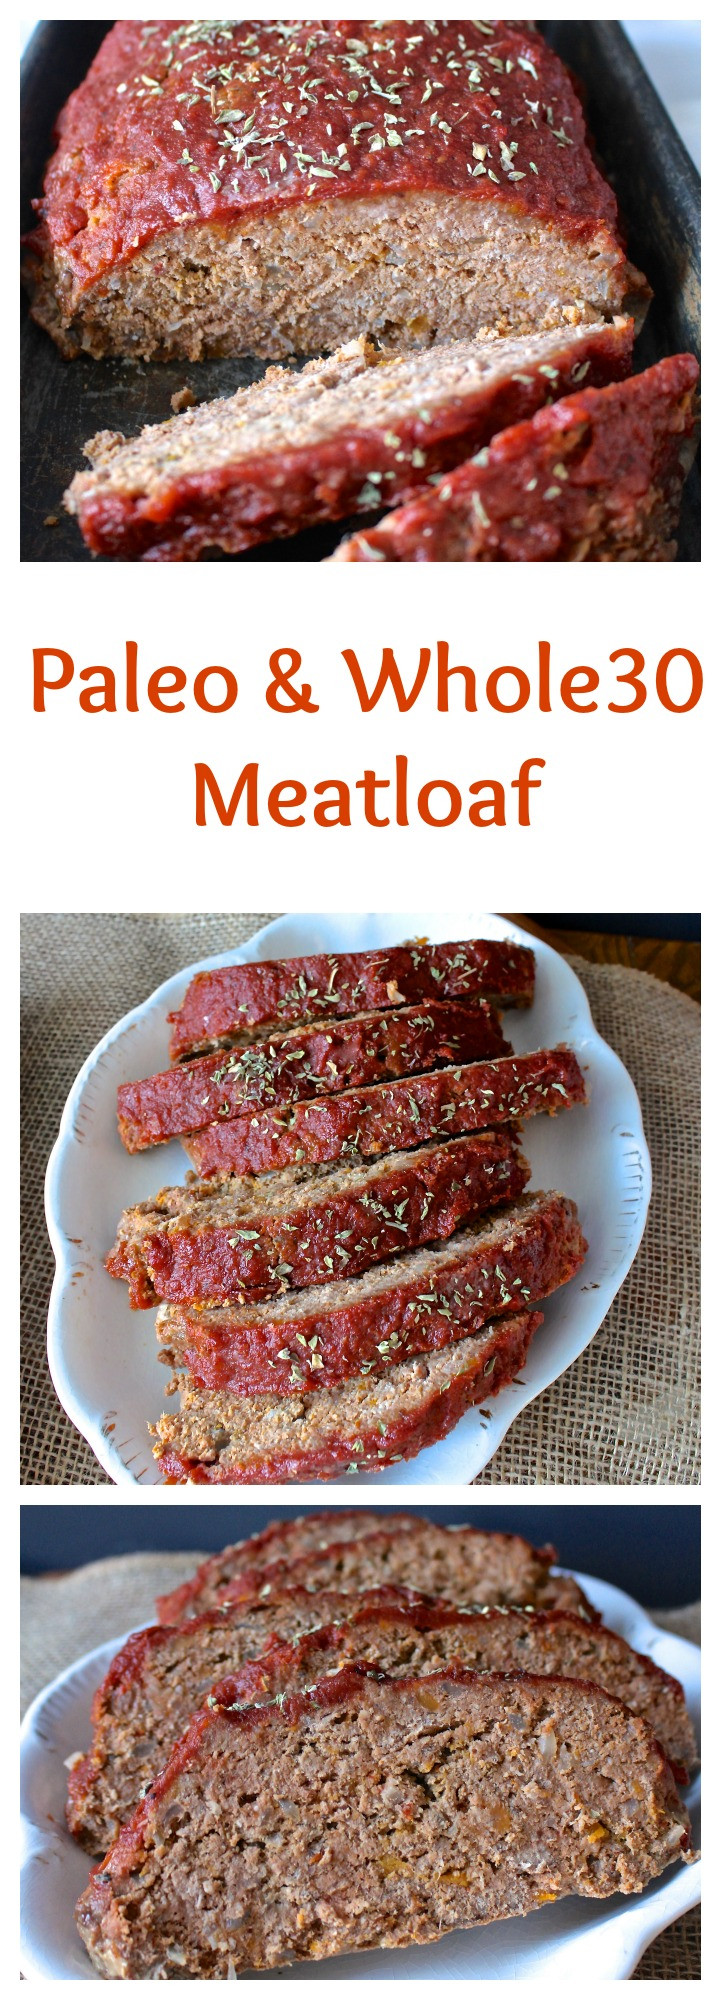 Paleo Meatloaf Recipe  Paleo Meatloaf Jay s Baking Me Crazy